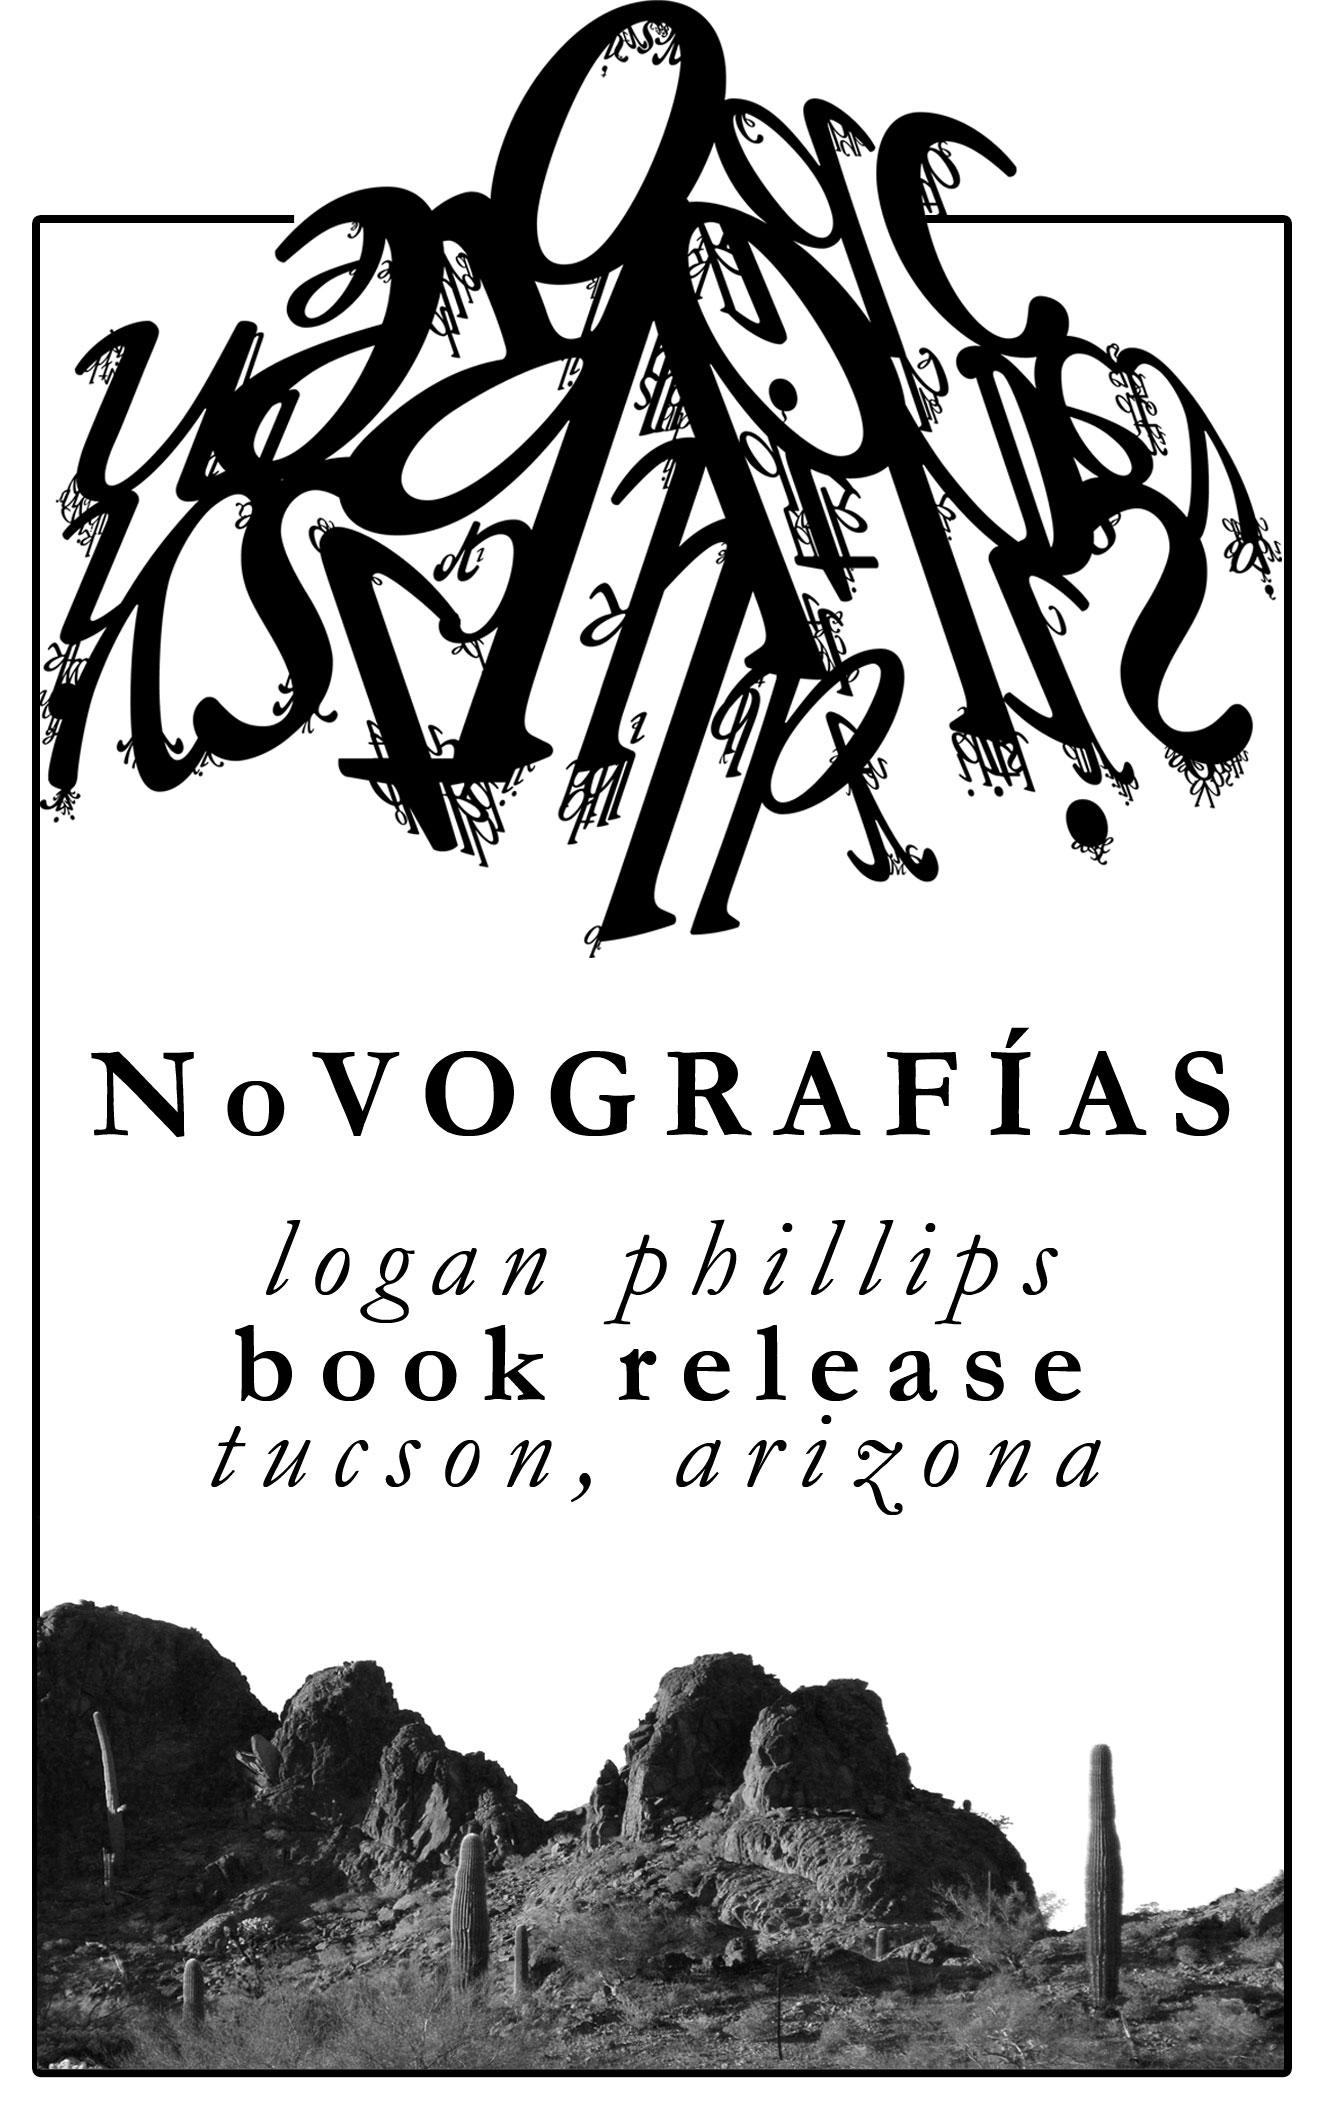 2012.12-NoVo-book-release-poster-WEB.jpg